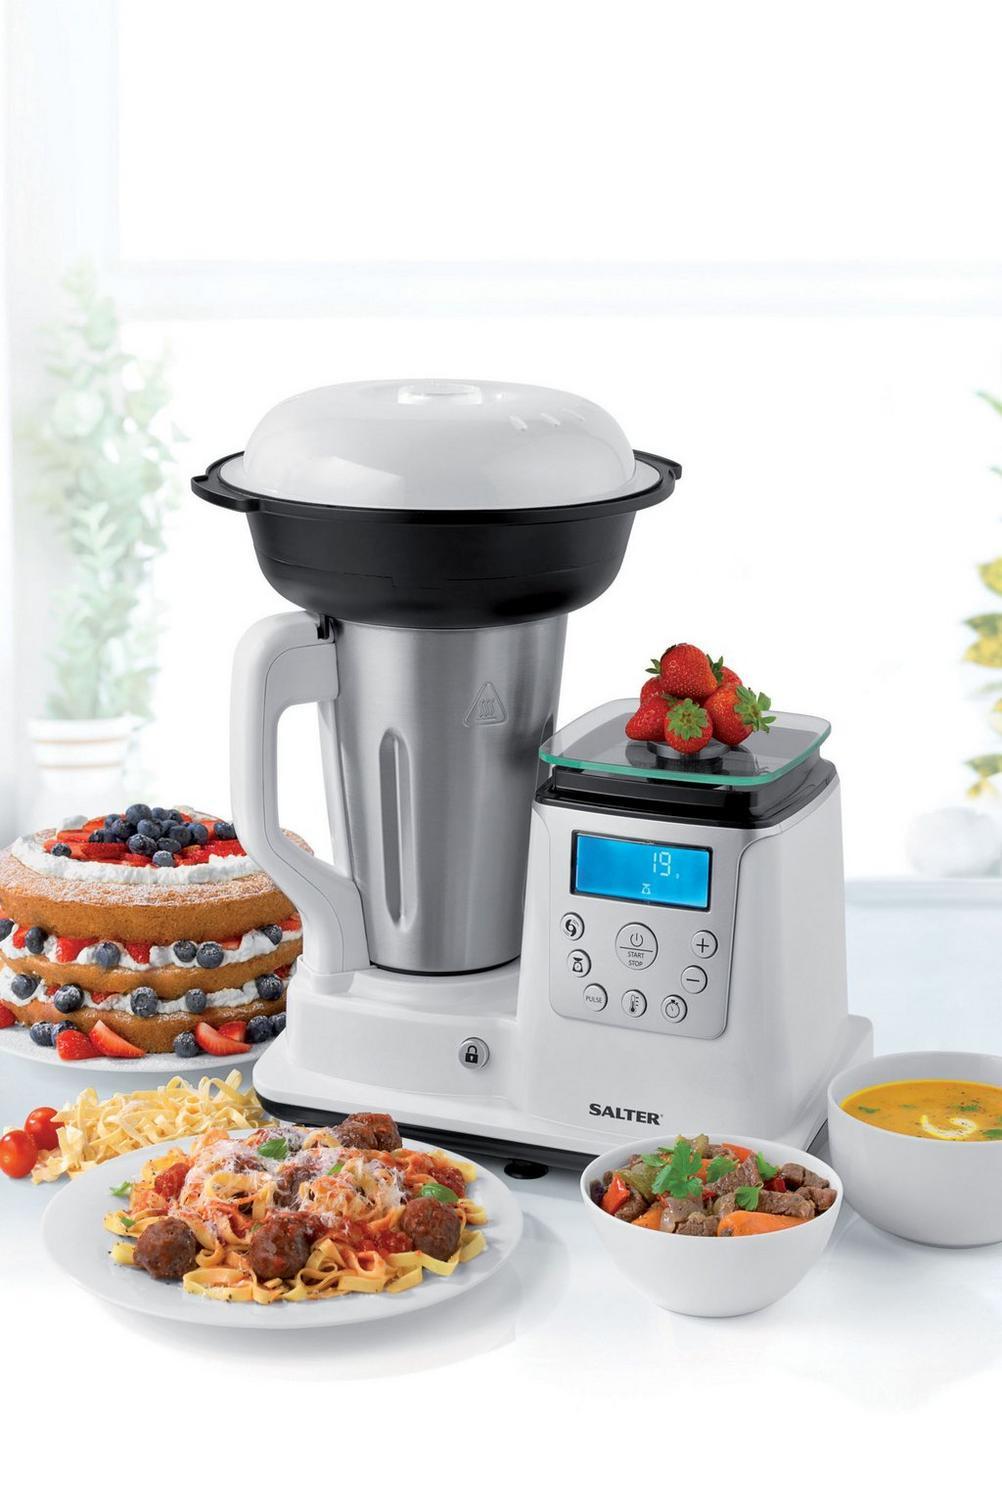 Salter kitchen robot 90.99 down from 499.99 @ Studio